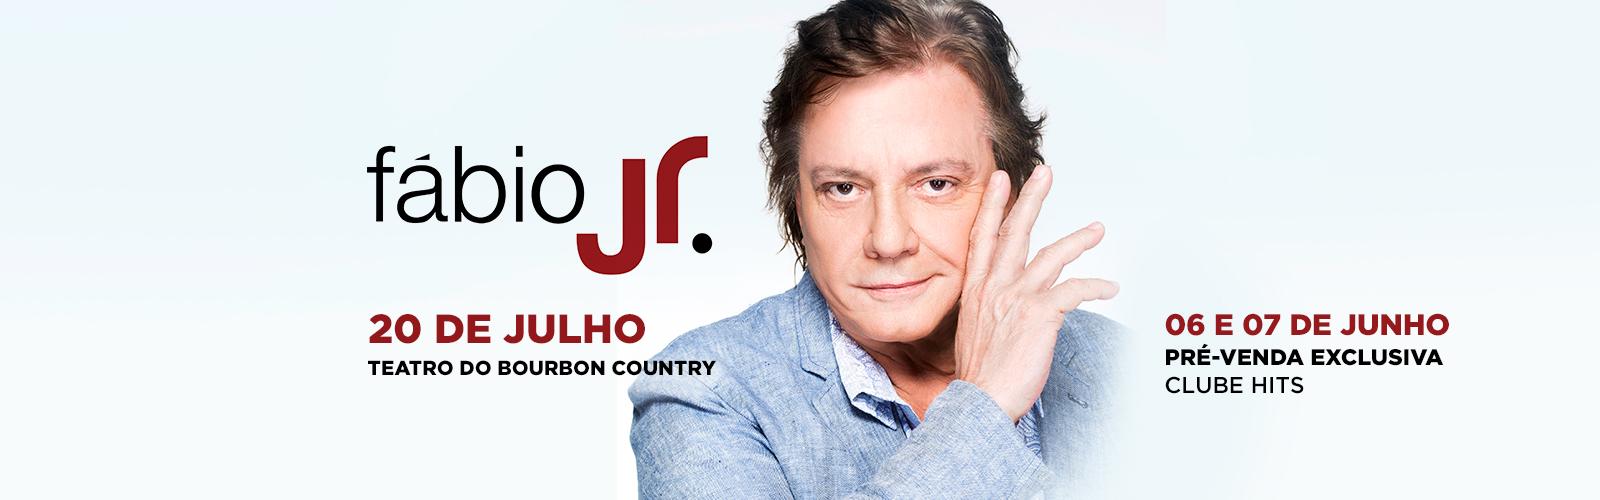 Pré-venda exclusiva dias 06 e 07 de junho para o Fábio Jr. em Poa